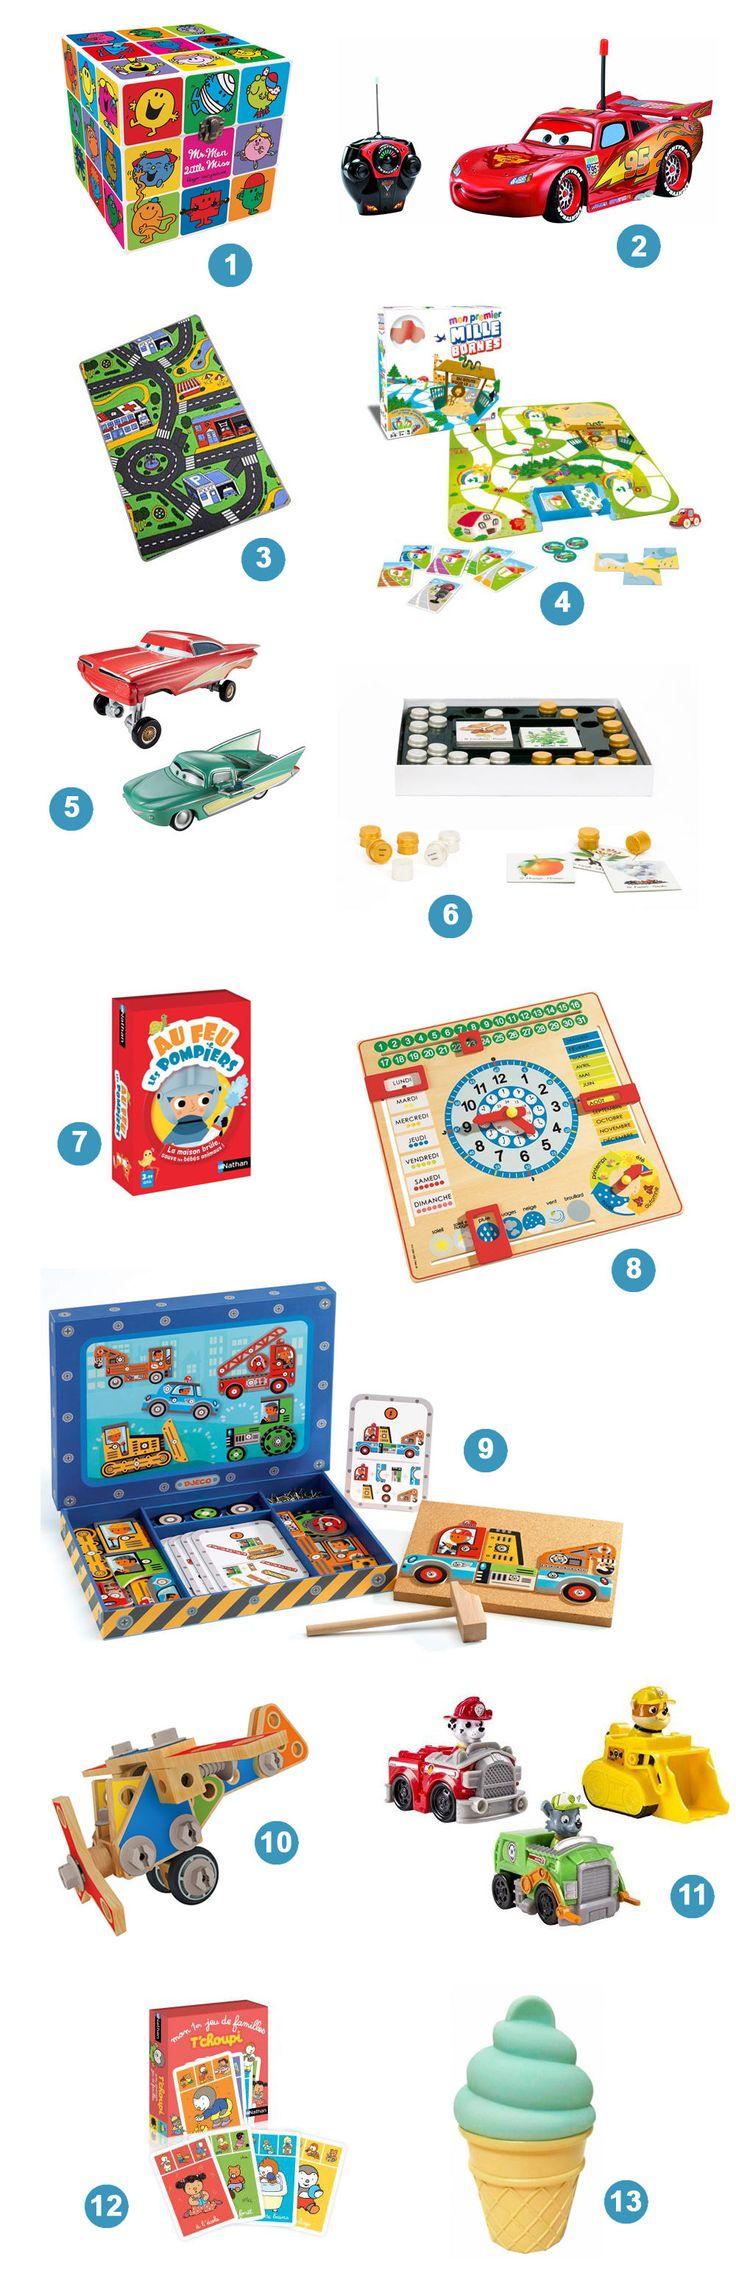 Liste au Père Noël - Idée cadeaux garçon 3 ans #noel #garcon #cadeaux #idees